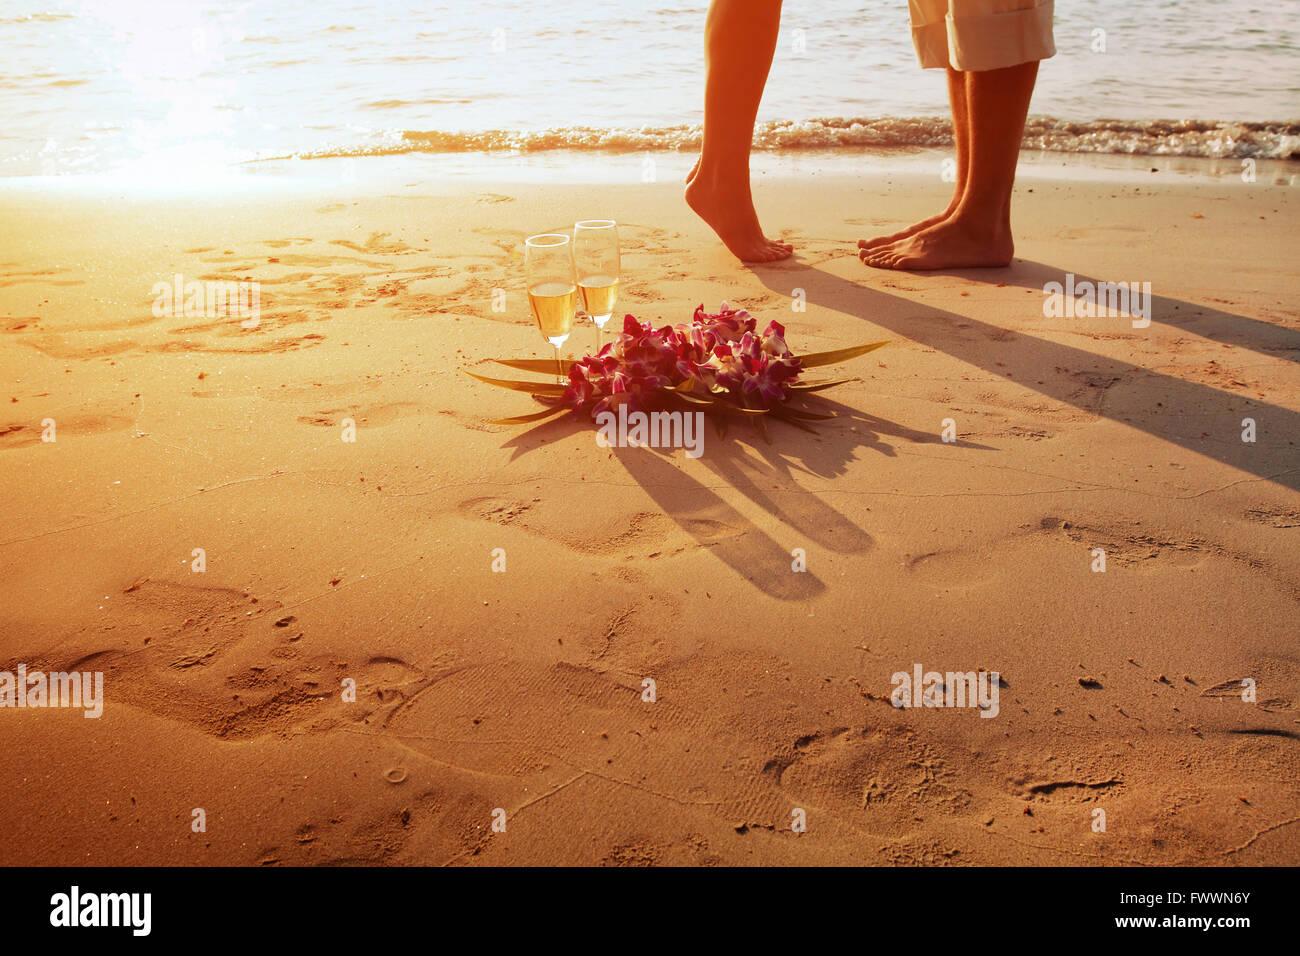 Mariage sur la plage, les pieds de couple romantique et deux verres de champagne au coucher du soleil Photo Stock